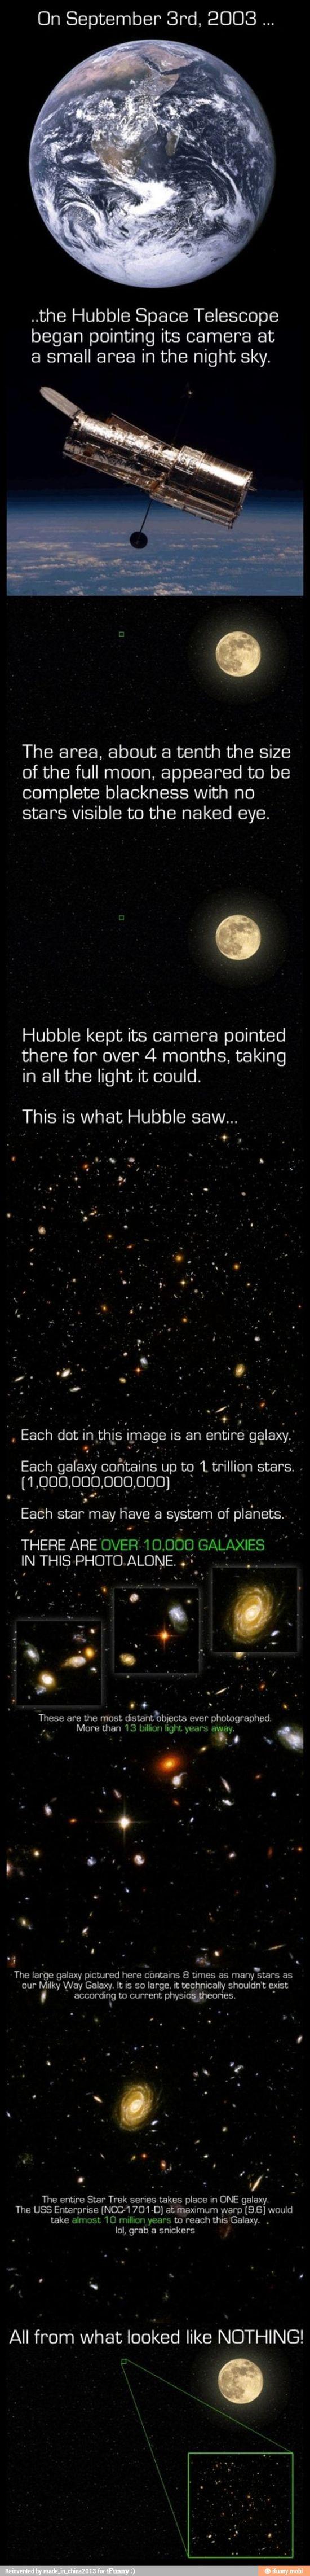 Hubble Deep Field. Whoa!